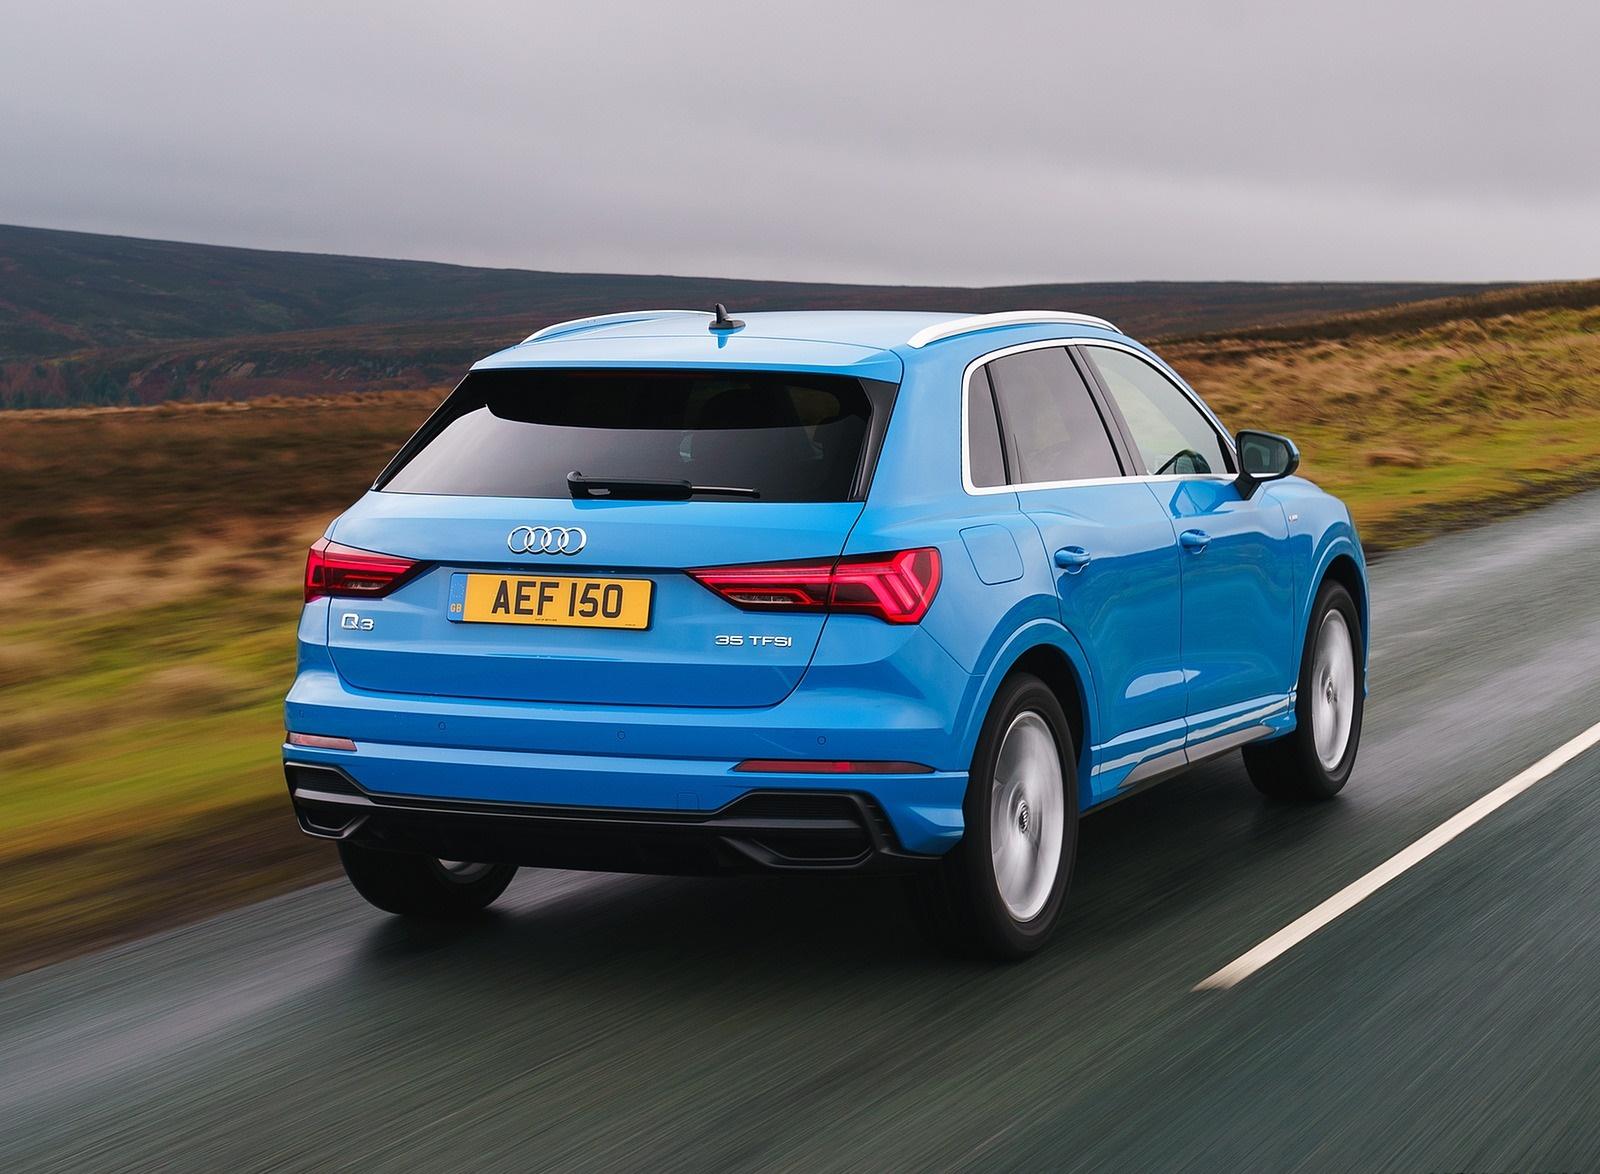 2019 Audi Q3 35 TFSI (UK-Spec) Rear Three-Quarter Wallpaper (7)